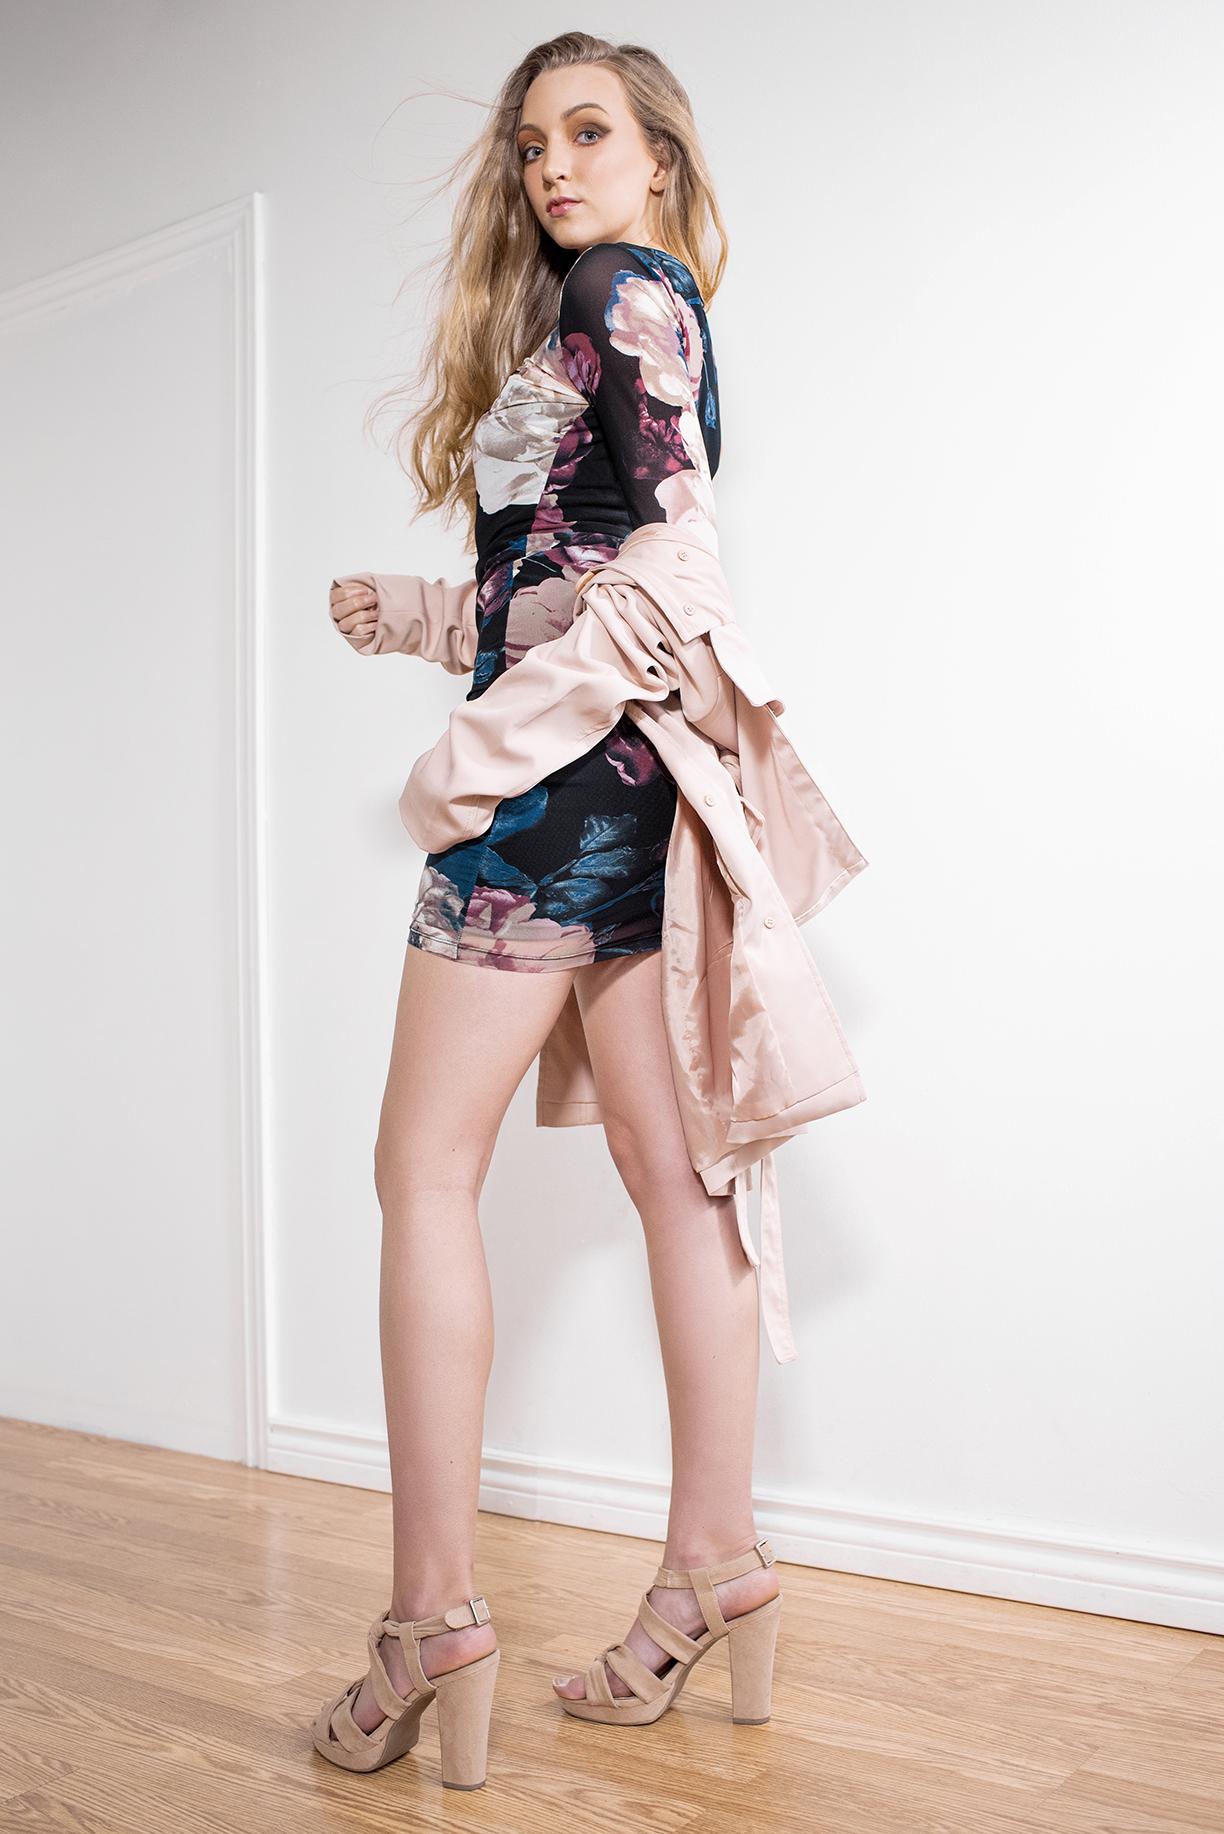 Amanda S Tn Model Amp Talent